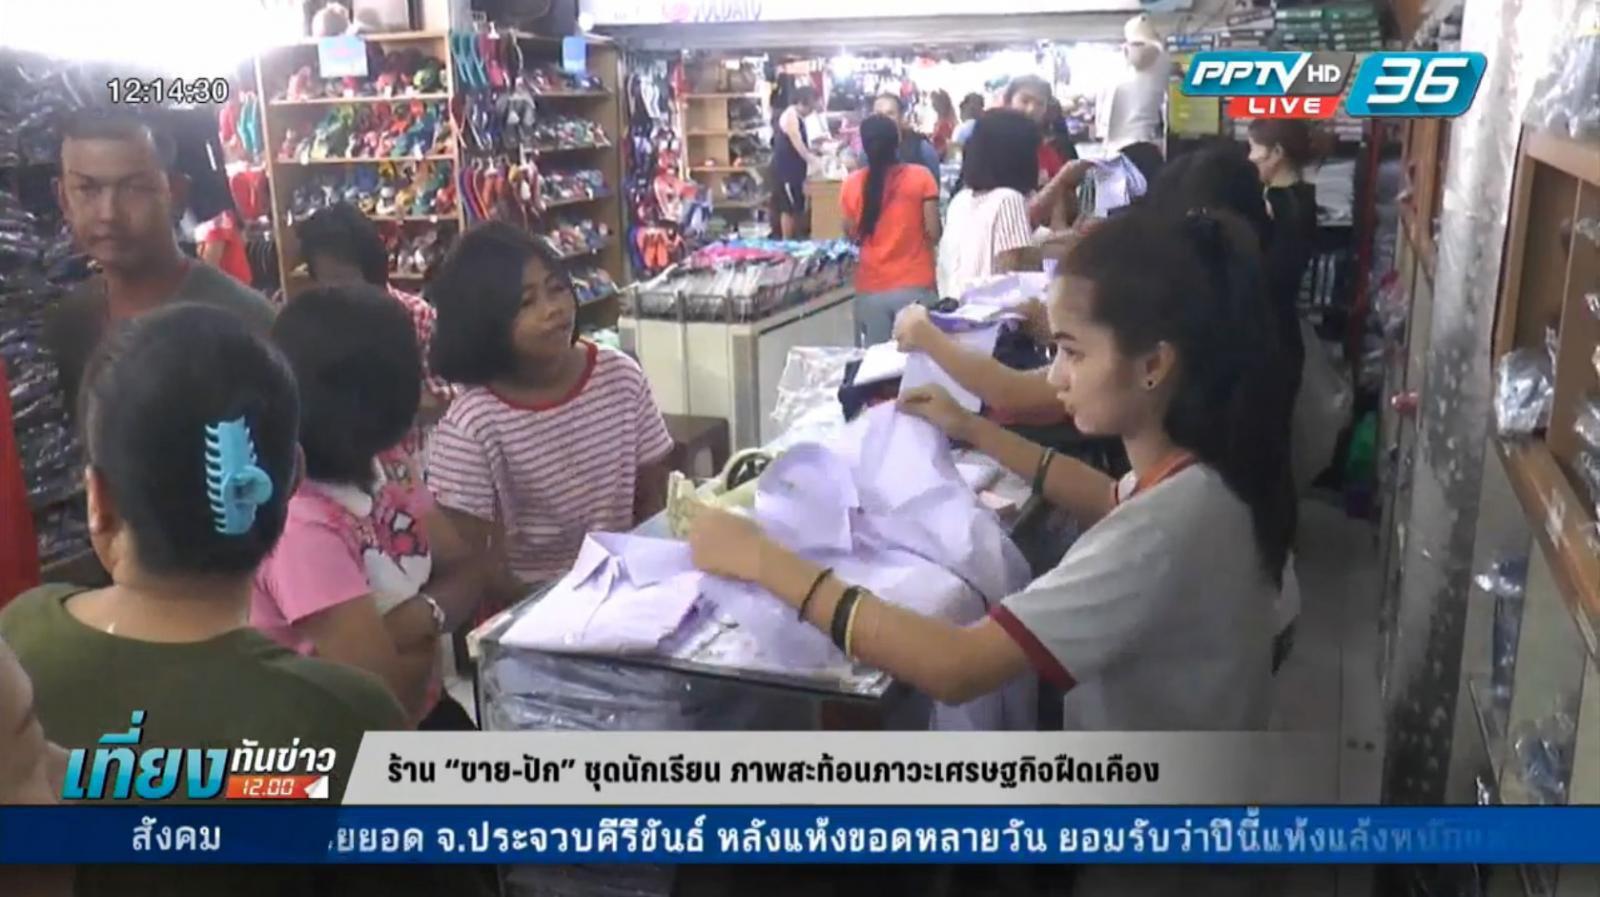 ร้านขายชุดนักเรียน สะท้อนภาวะเศรษฐกิจฝืดเคือง